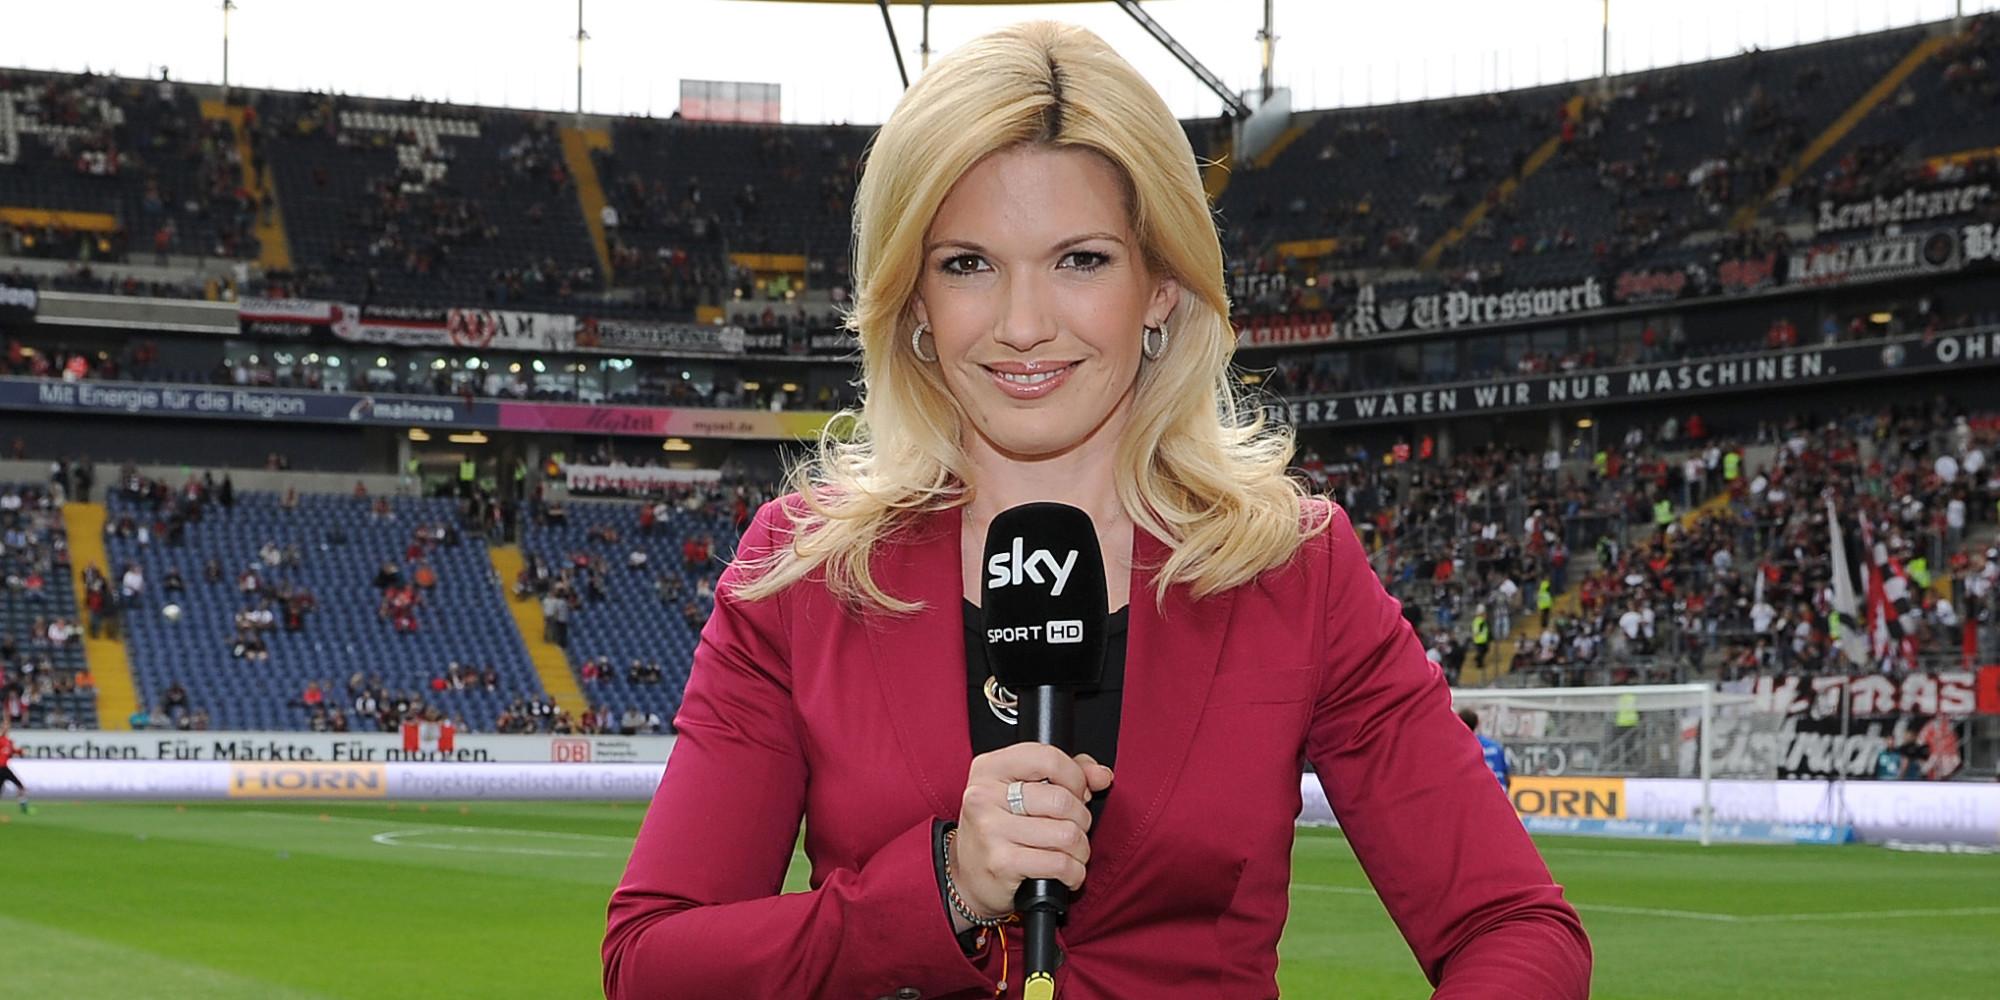 Quot Blond Kickt Gut Quot Jessica Kastrop Sky Moderatorin Packt Aus